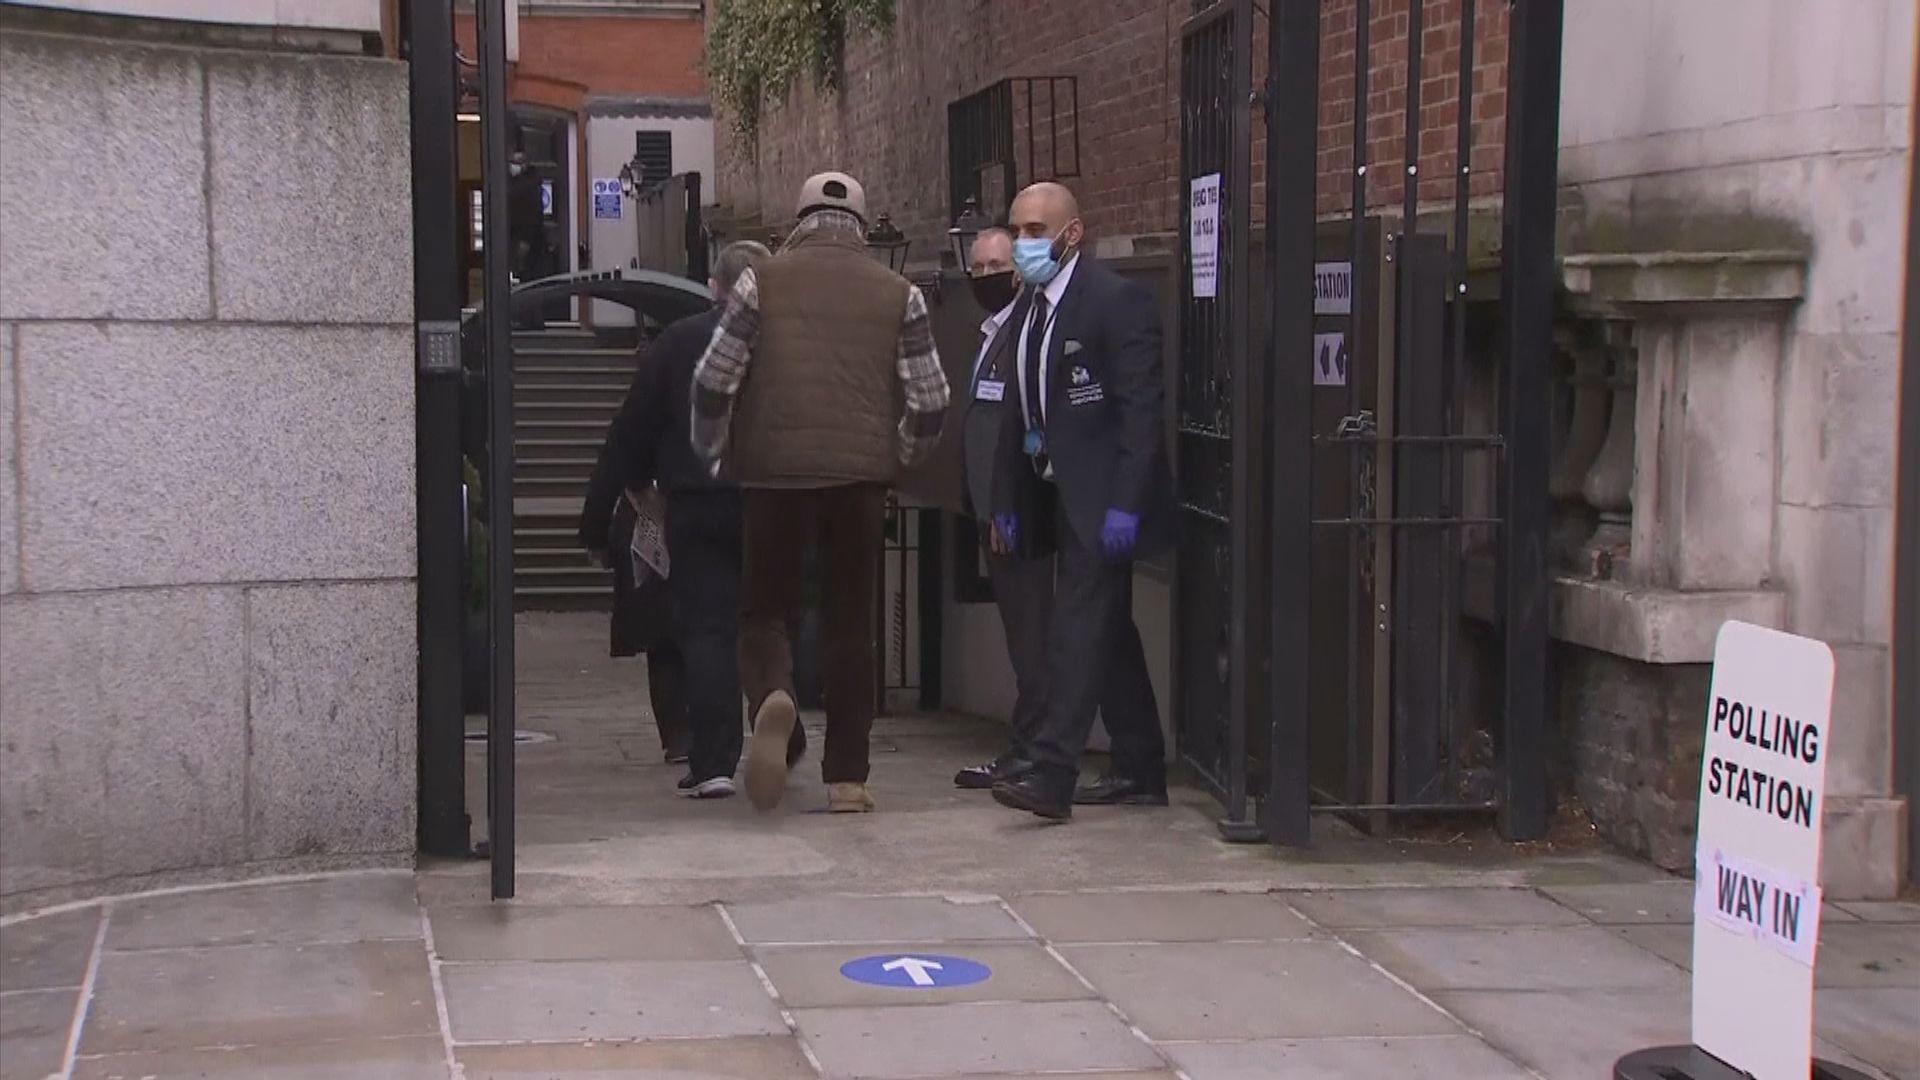 英國地方議會選舉結果陸續公布 保守黨先拔頭籌